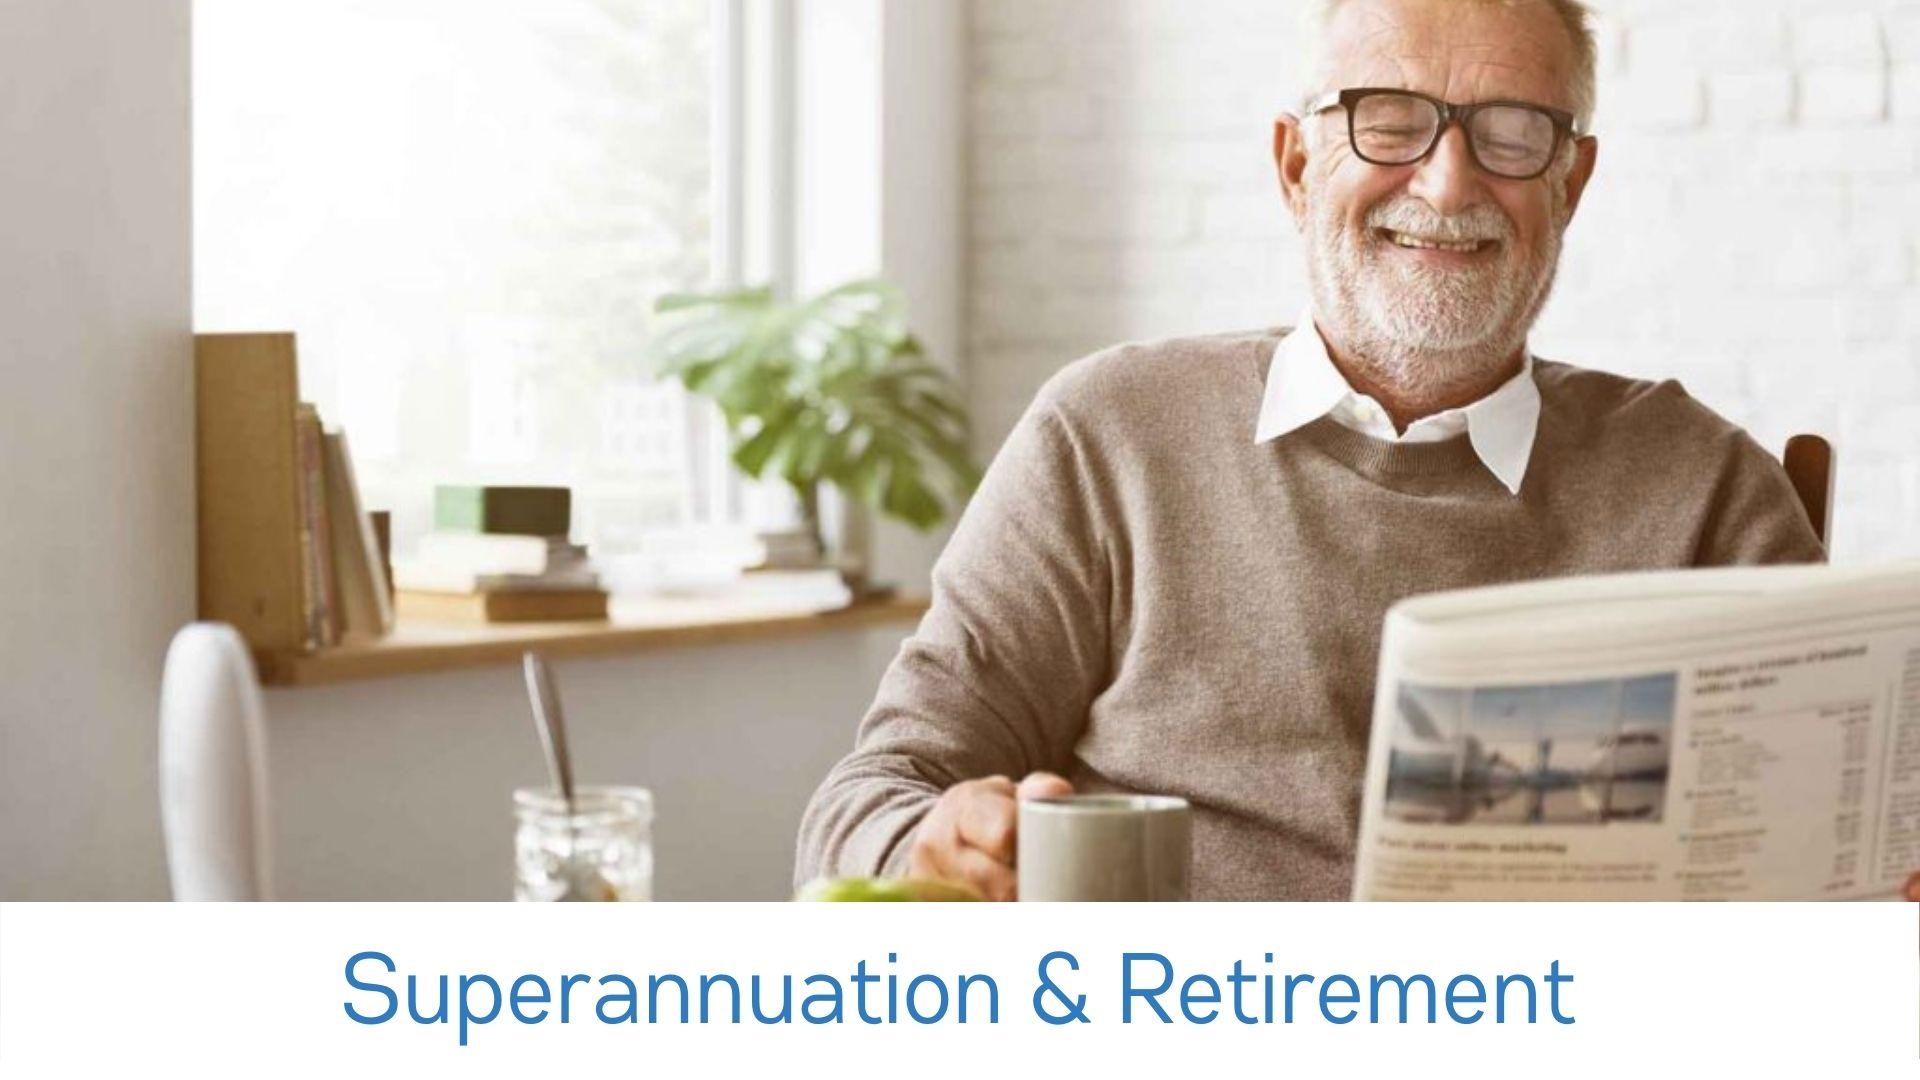 Superannuation & Retirement